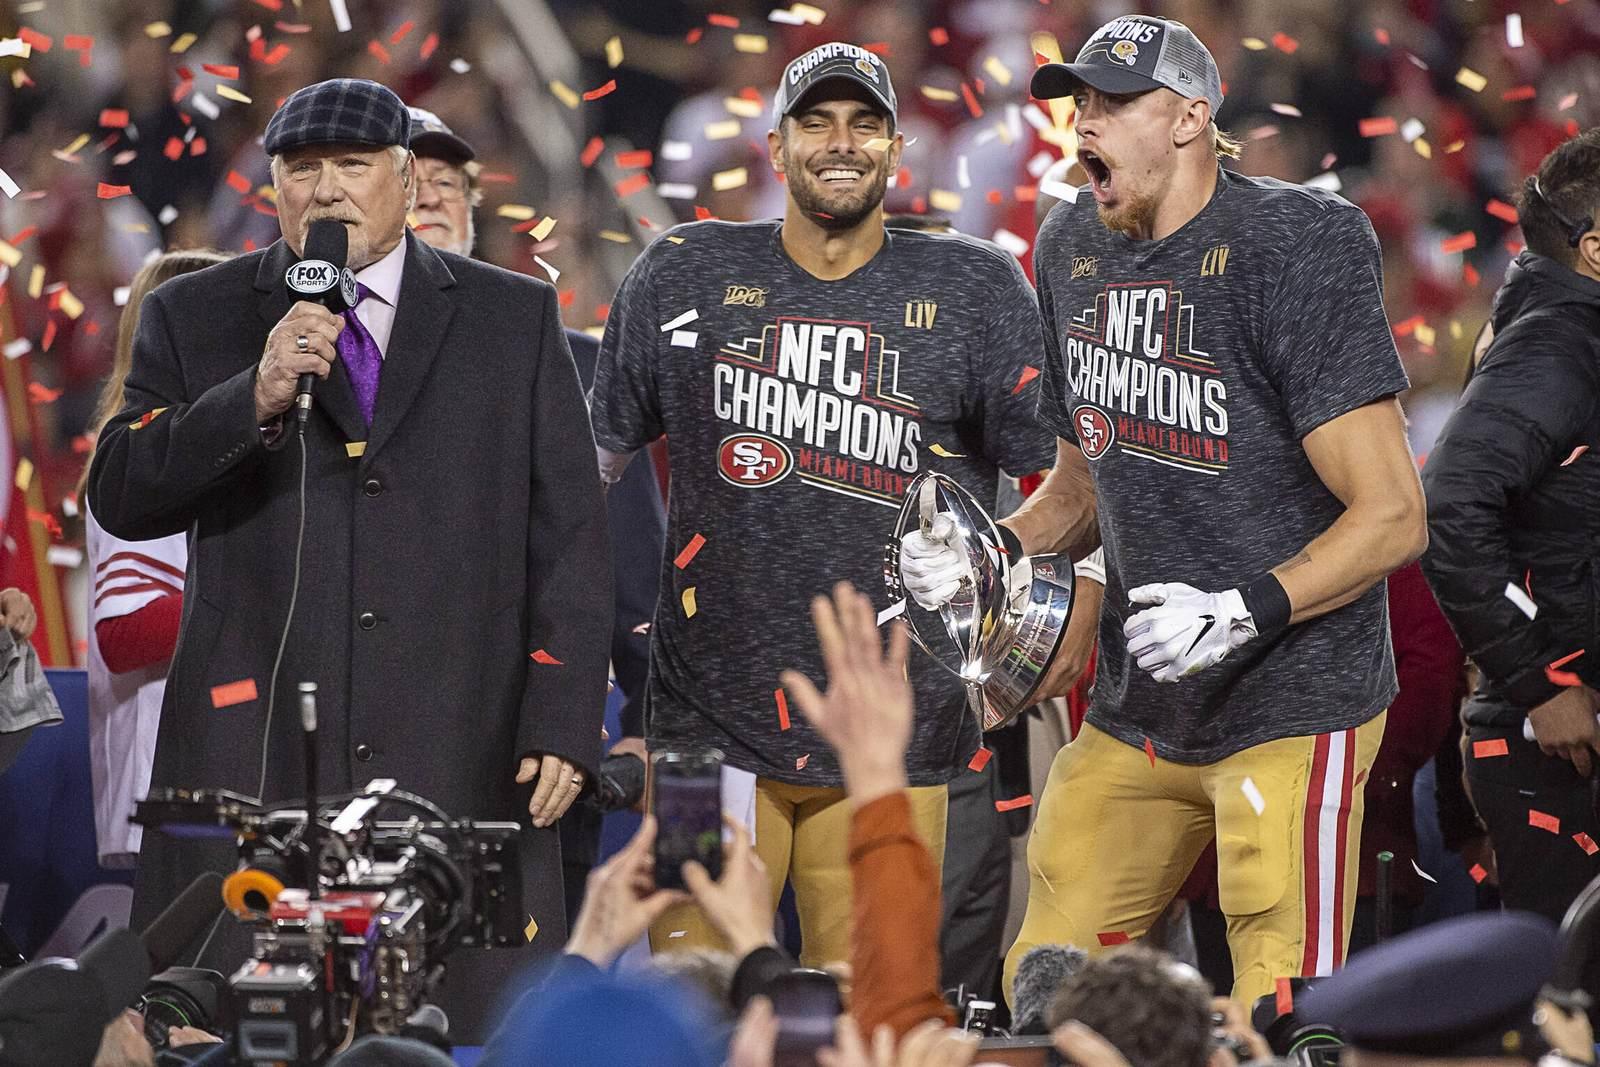 Jimmy Garoppolo und George Kittle von den 49ers. Jetzt auf den Super Bowl wetten